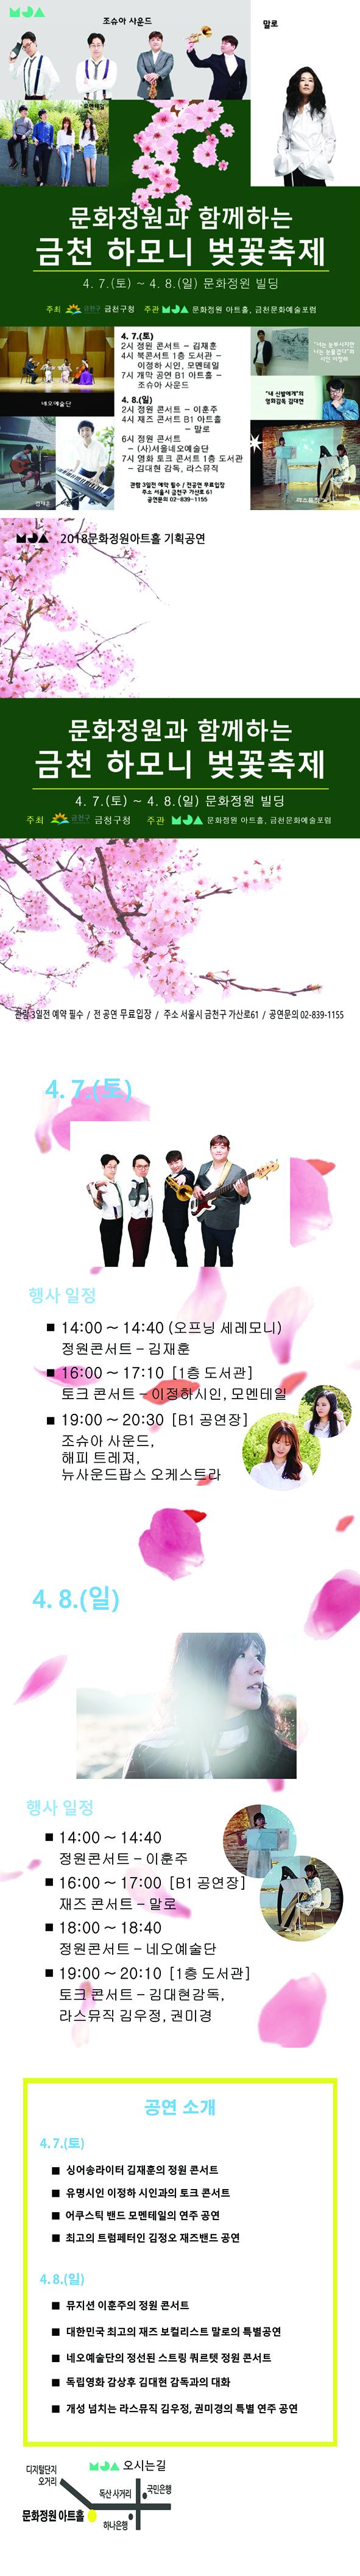 문화정원 아트홀 [금천 하모니 벚꽃축제] 포스터 복사.jpg